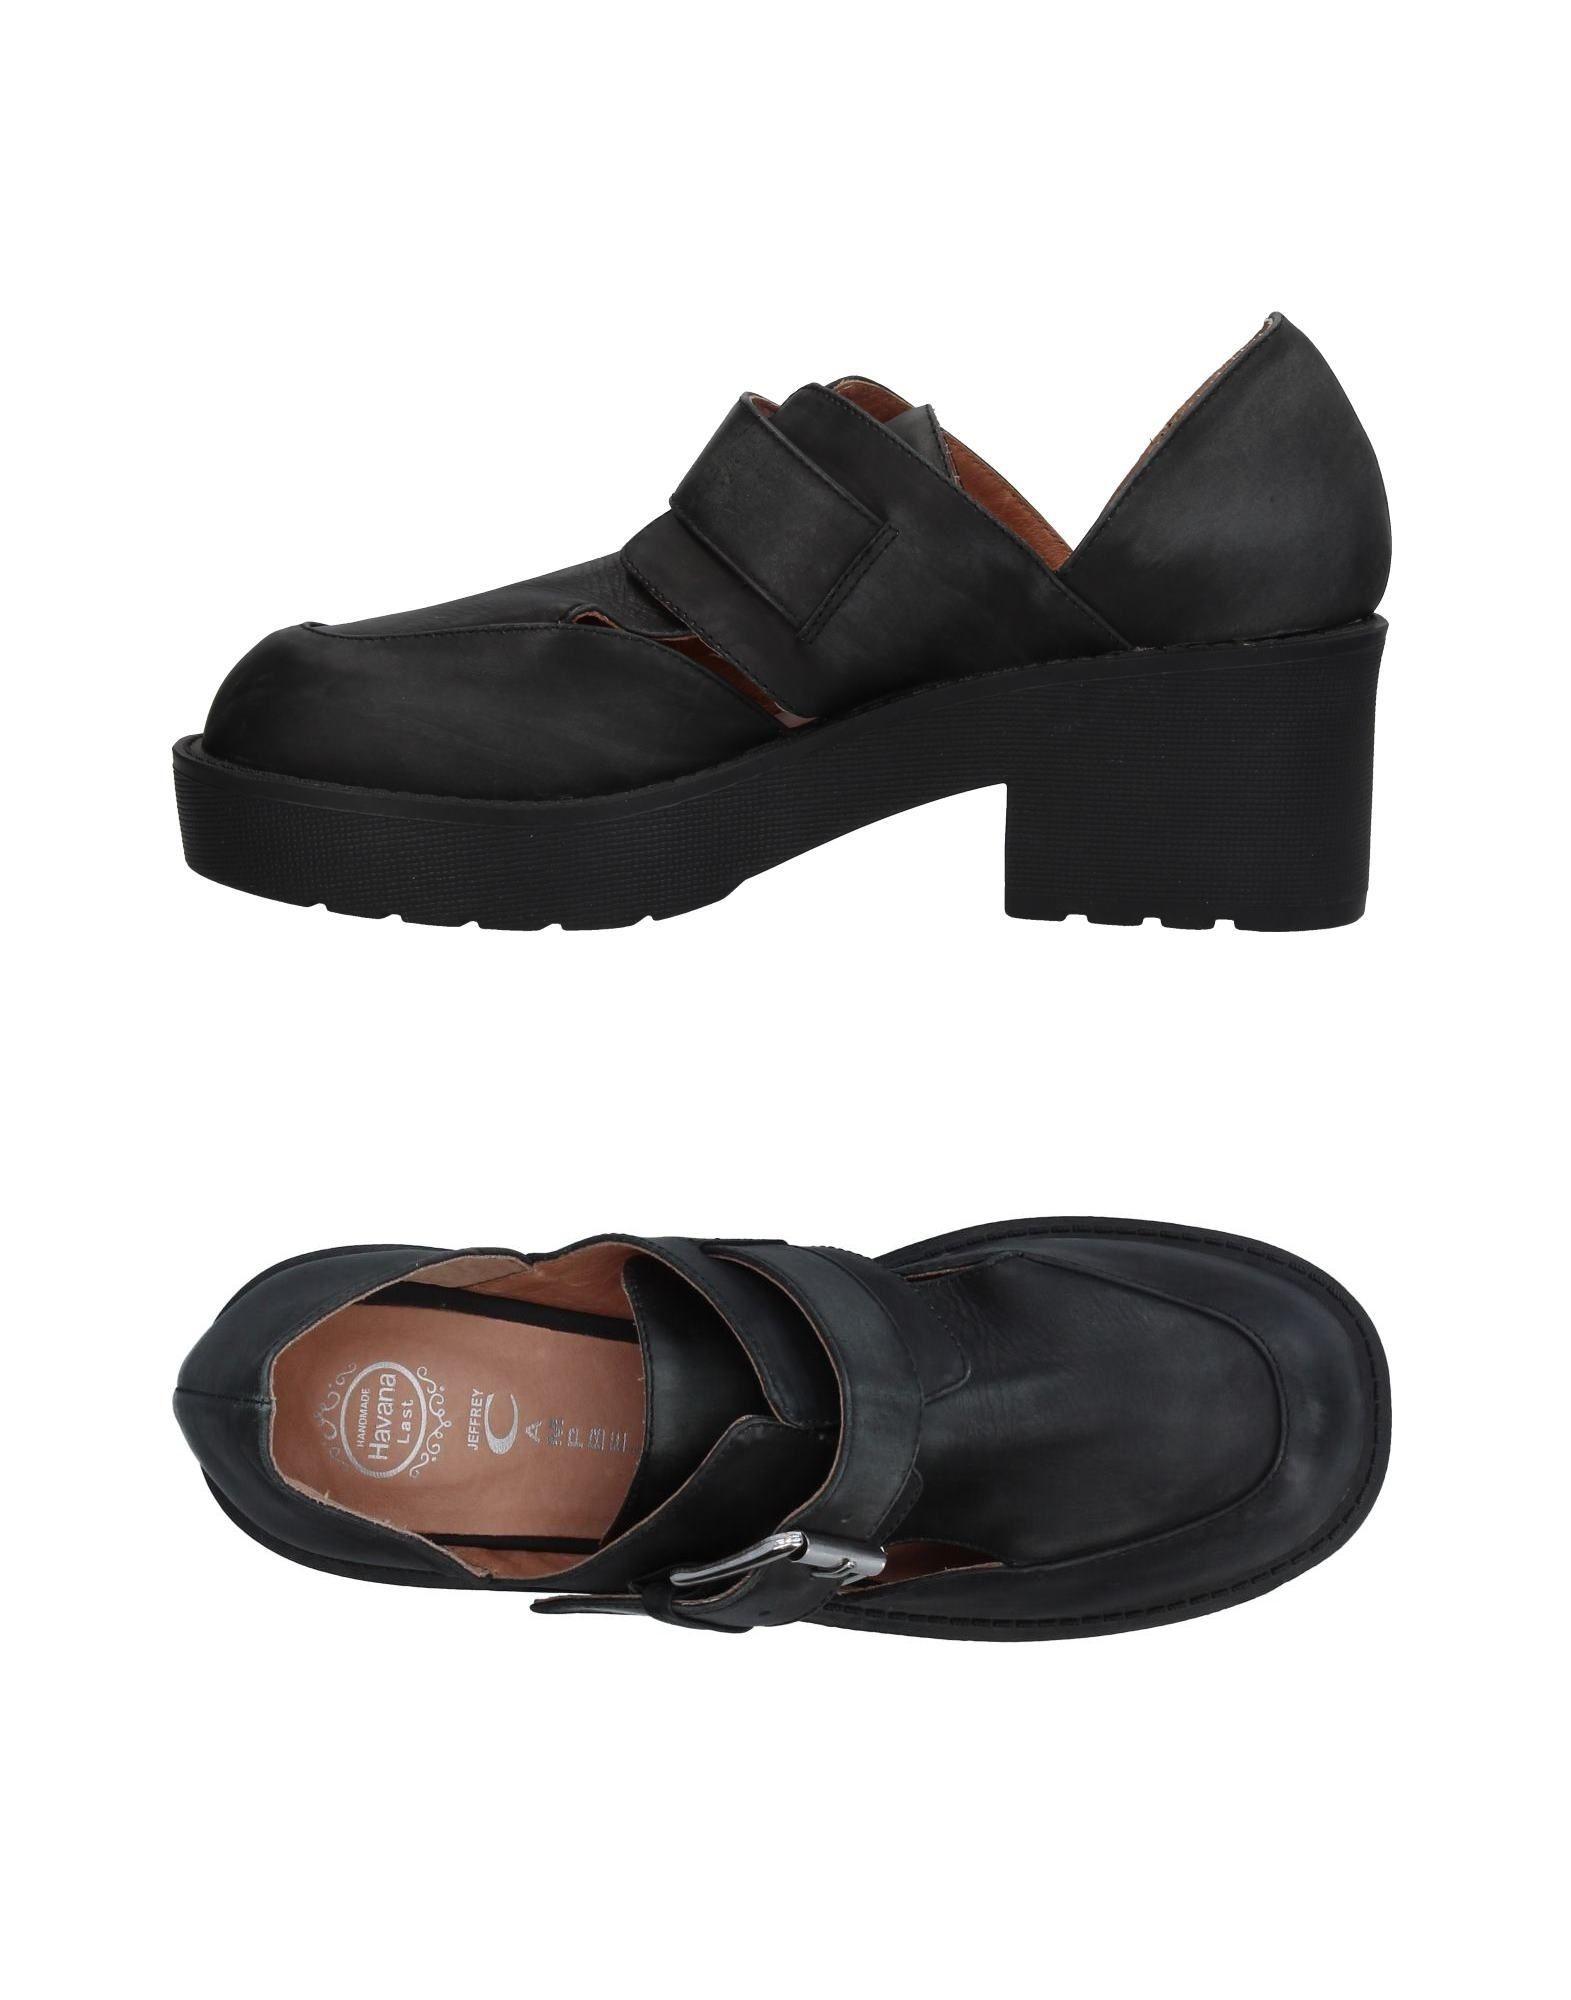 Jeffrey Campbell Mokassins Damen  11368775WS Gute Qualität beliebte Schuhe